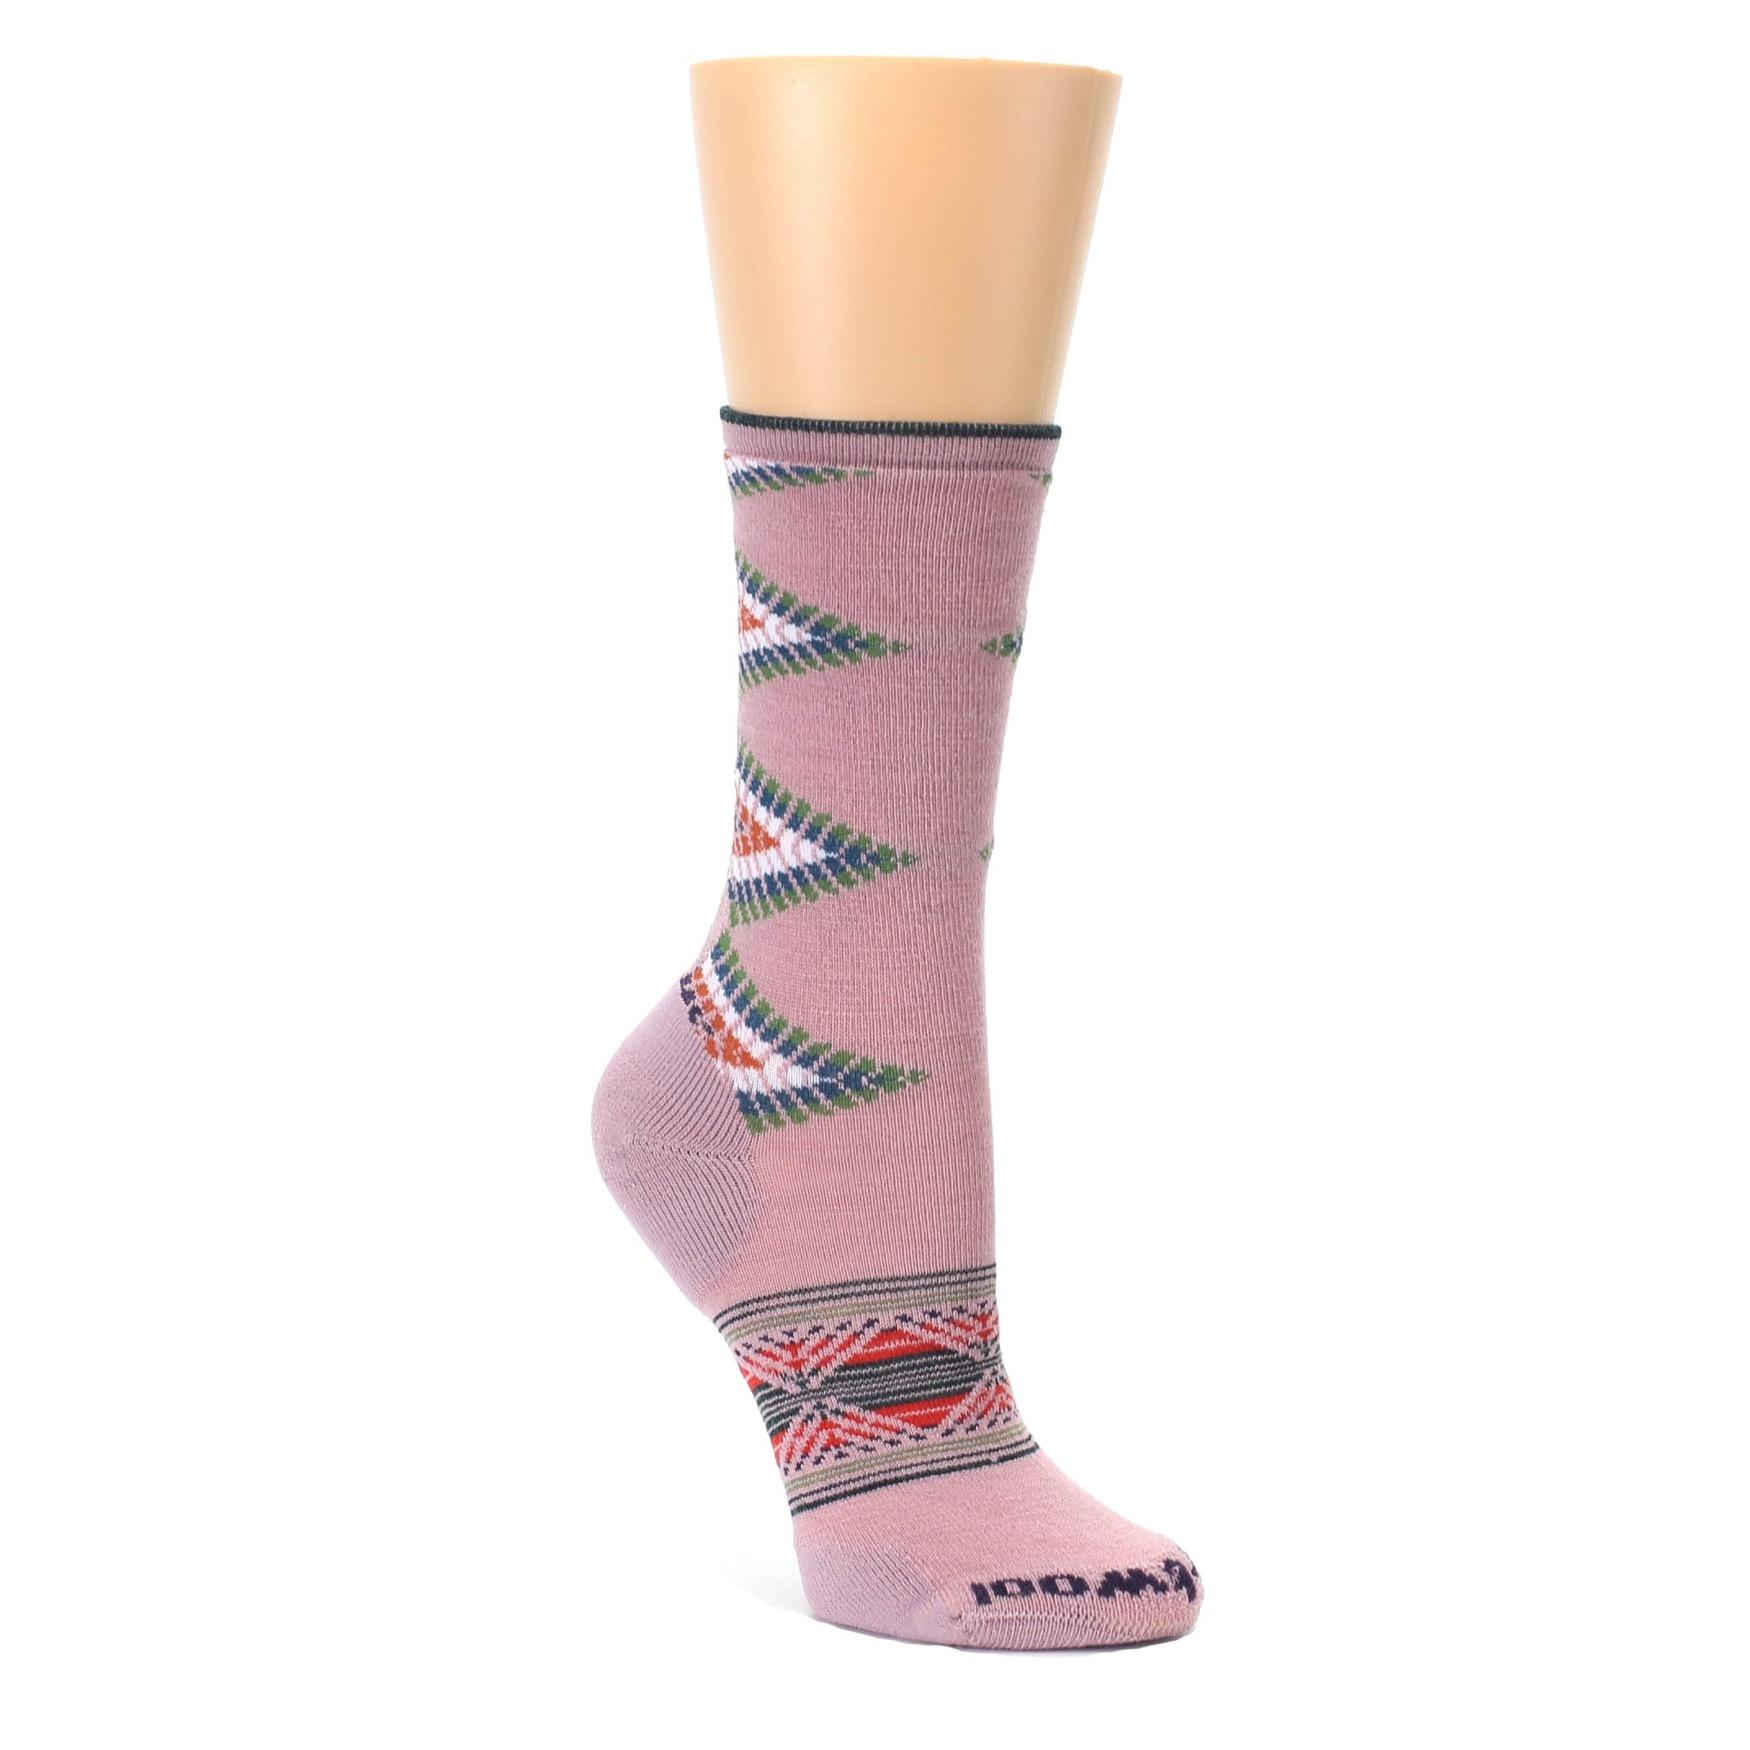 Woodrose Pink Tiva Arrows Wool Socks - Women's Casual Socks | boldSOCKS